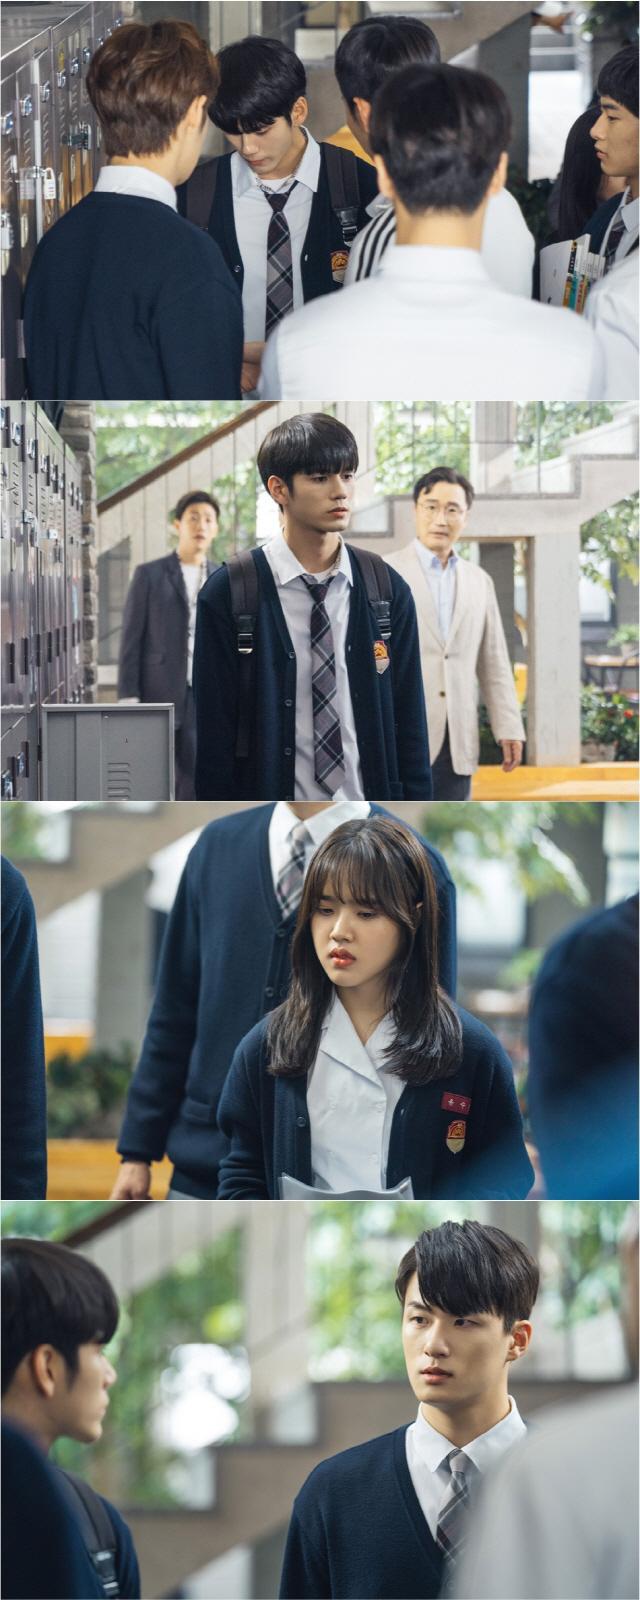 '열여덟의 순간' 옹성우VS신승호, 라이벌 구도 본격 가동 예고